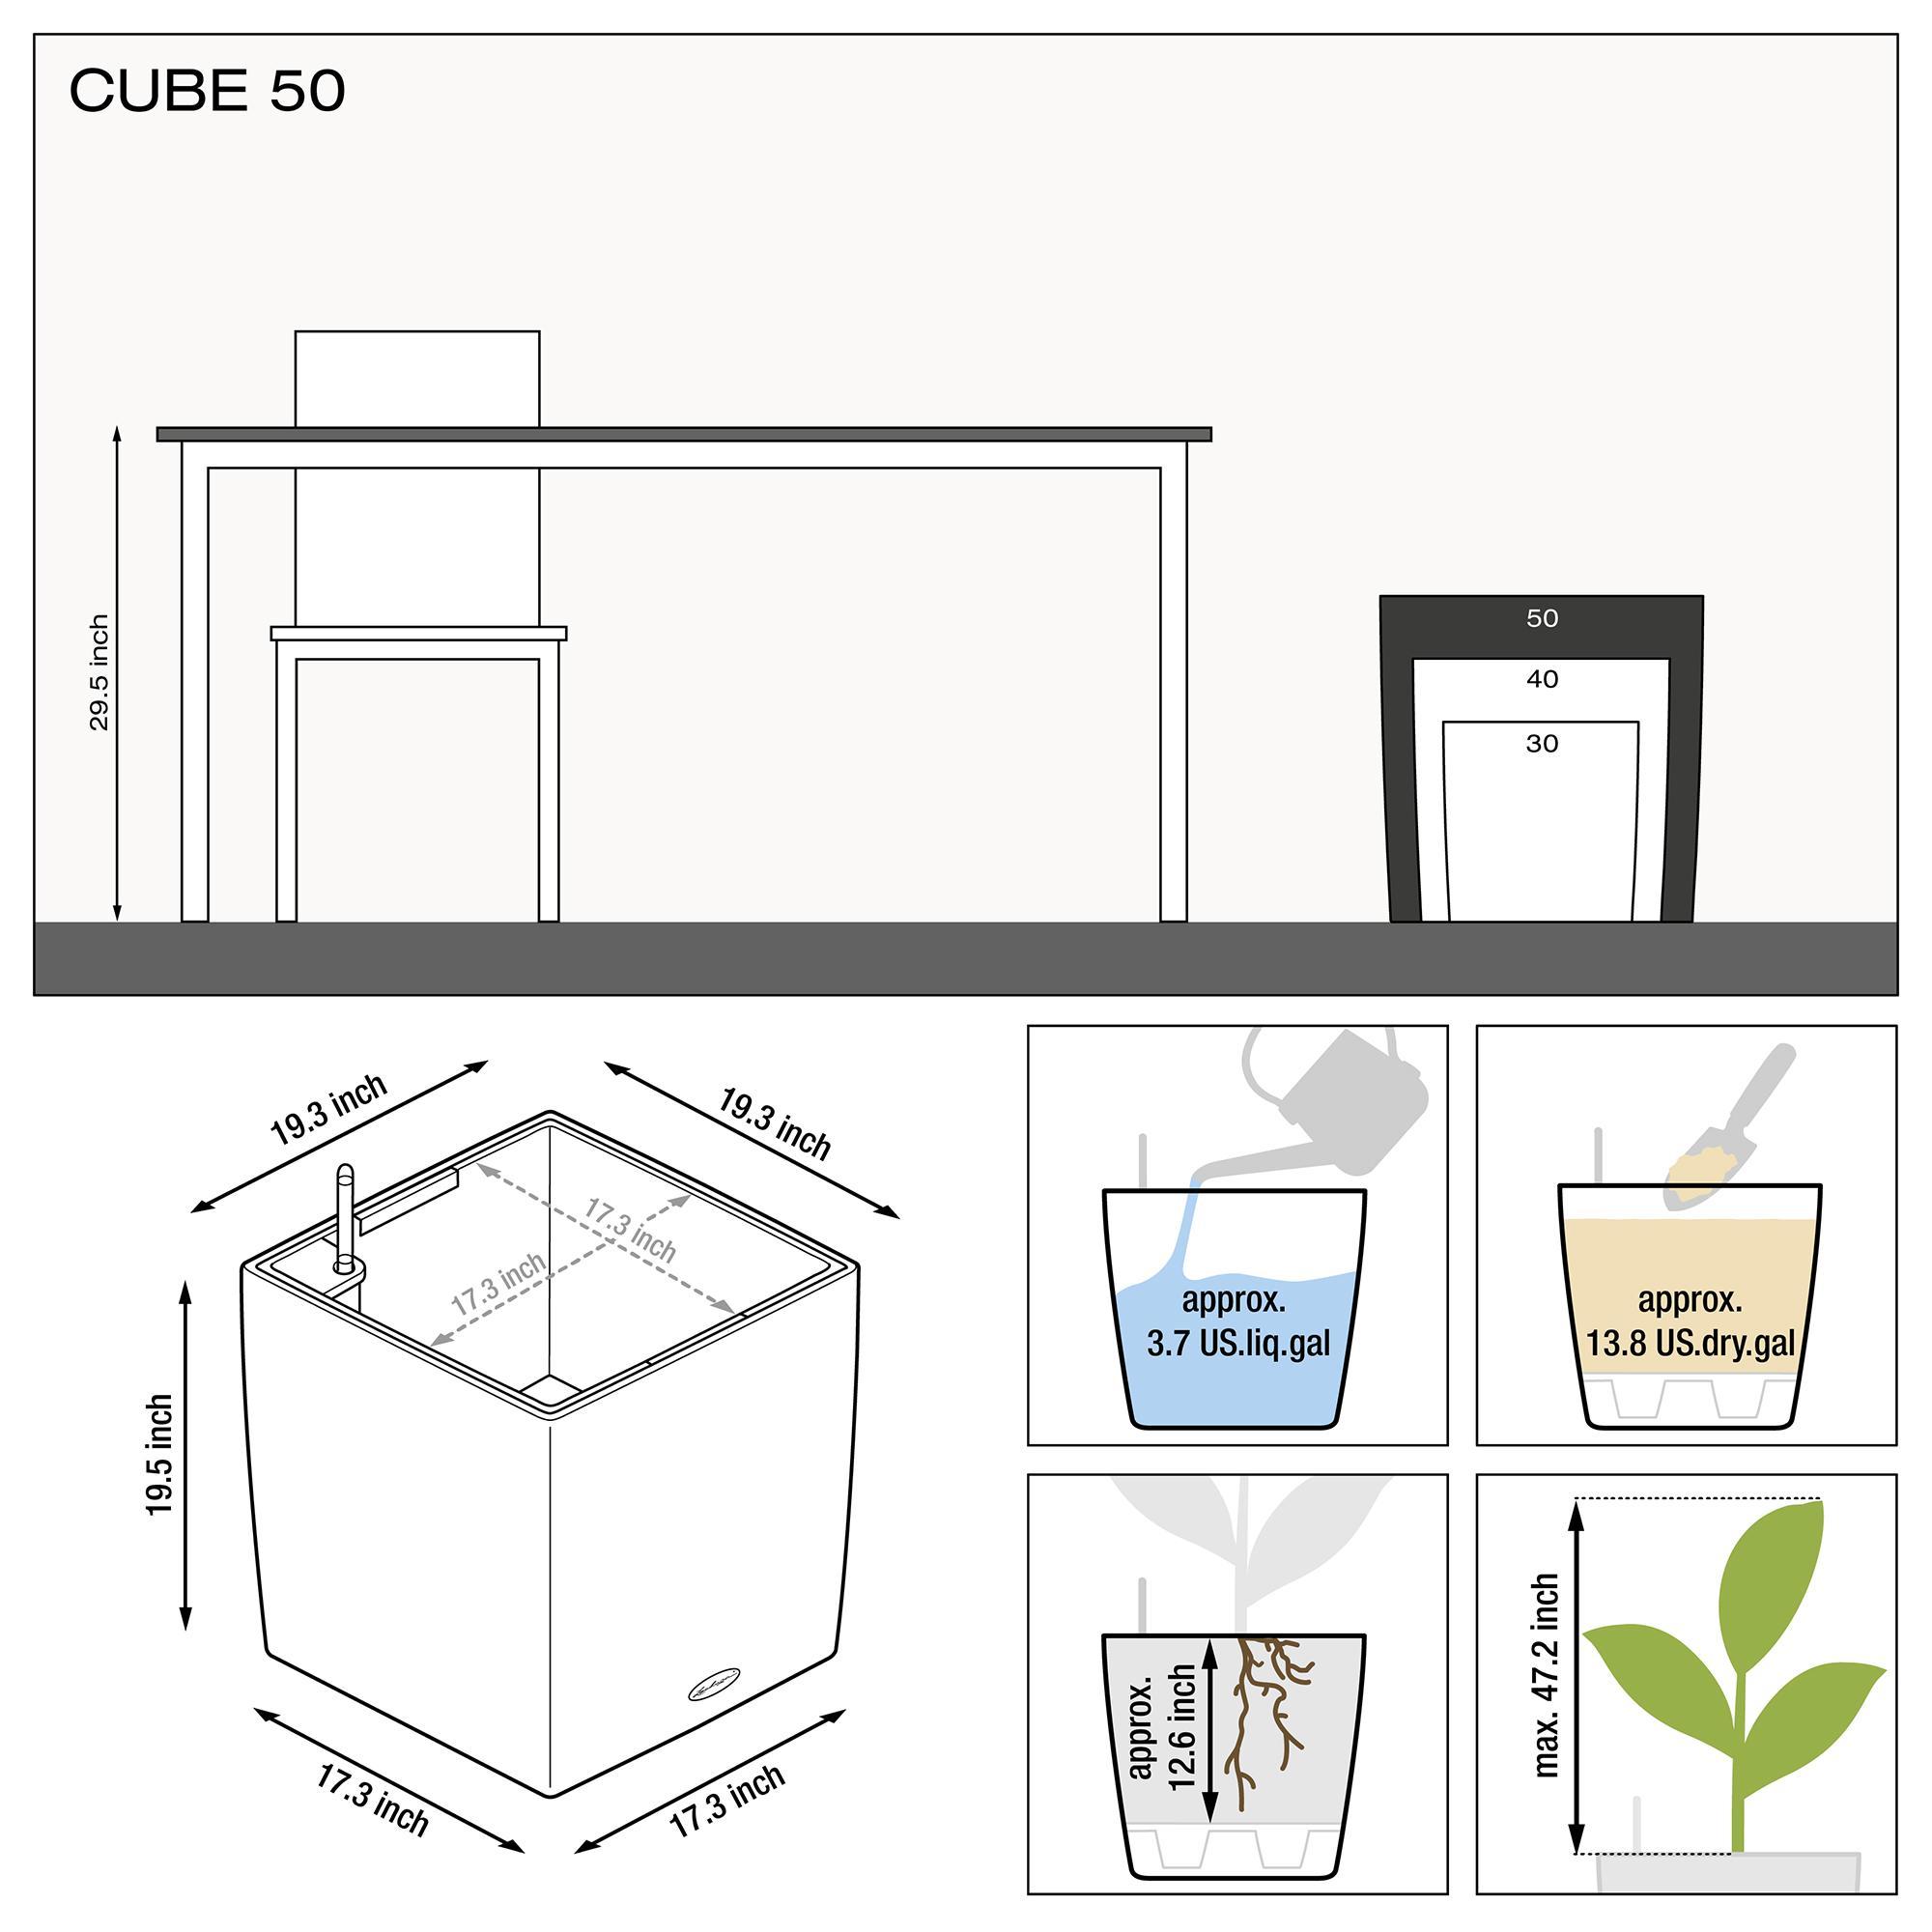 le_cube50_product_addi_nz_us